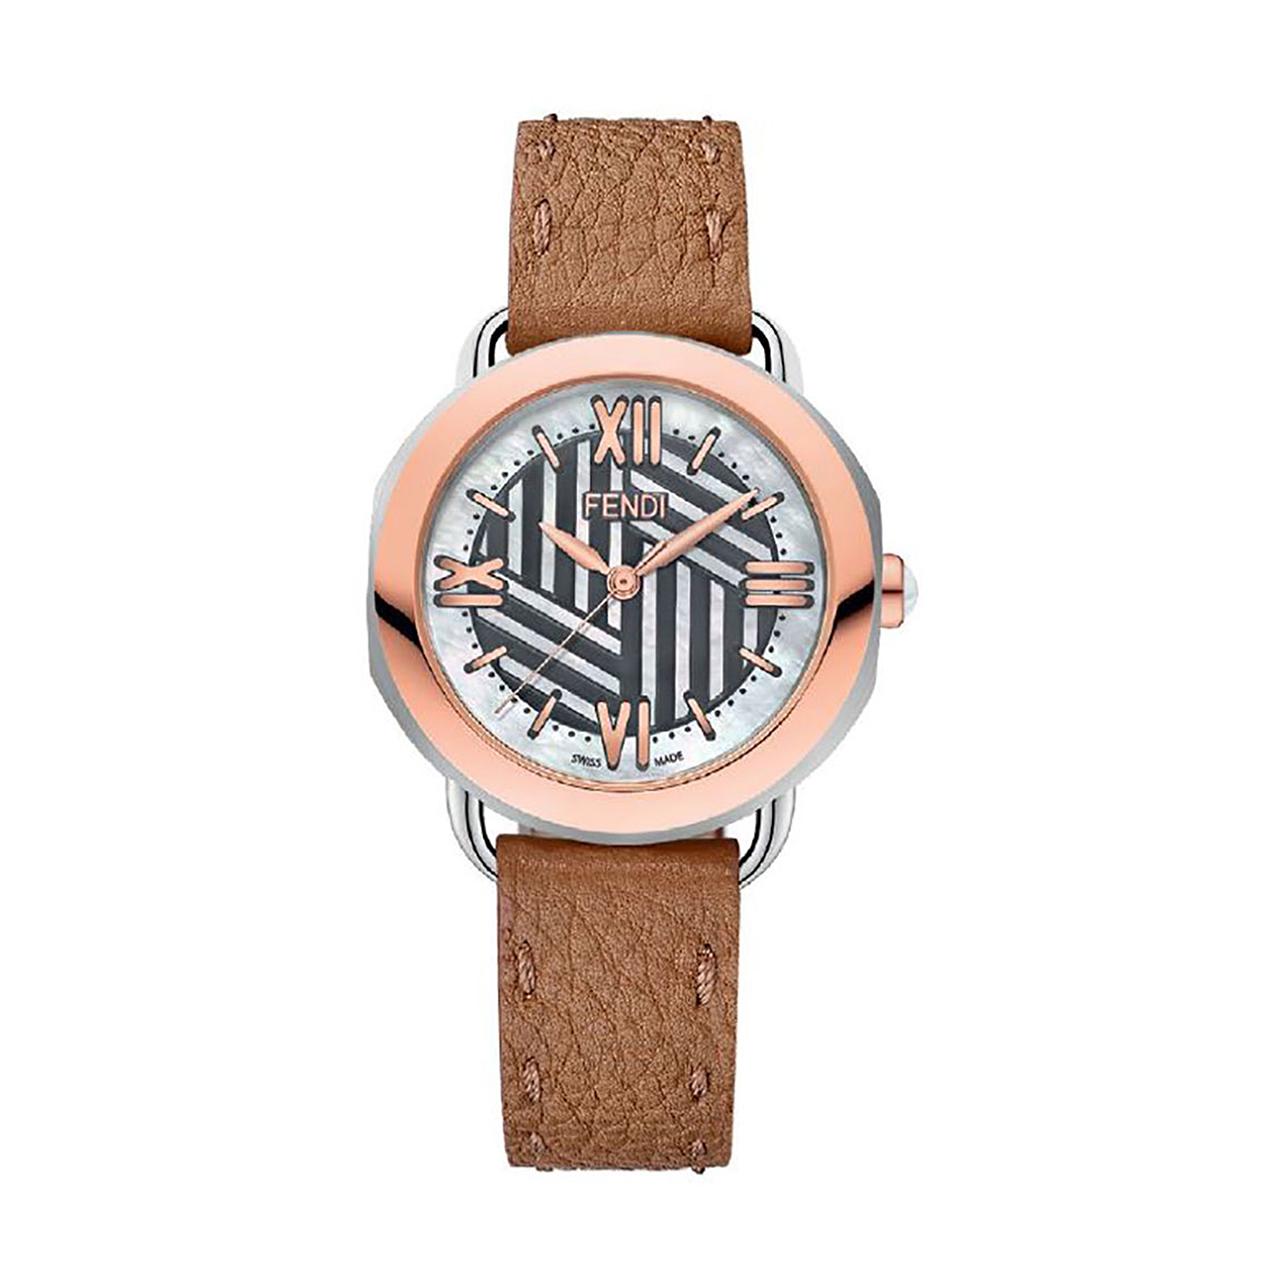 خرید ساعت مچی عقربه ای زنانه فندی مدل F8112365H0